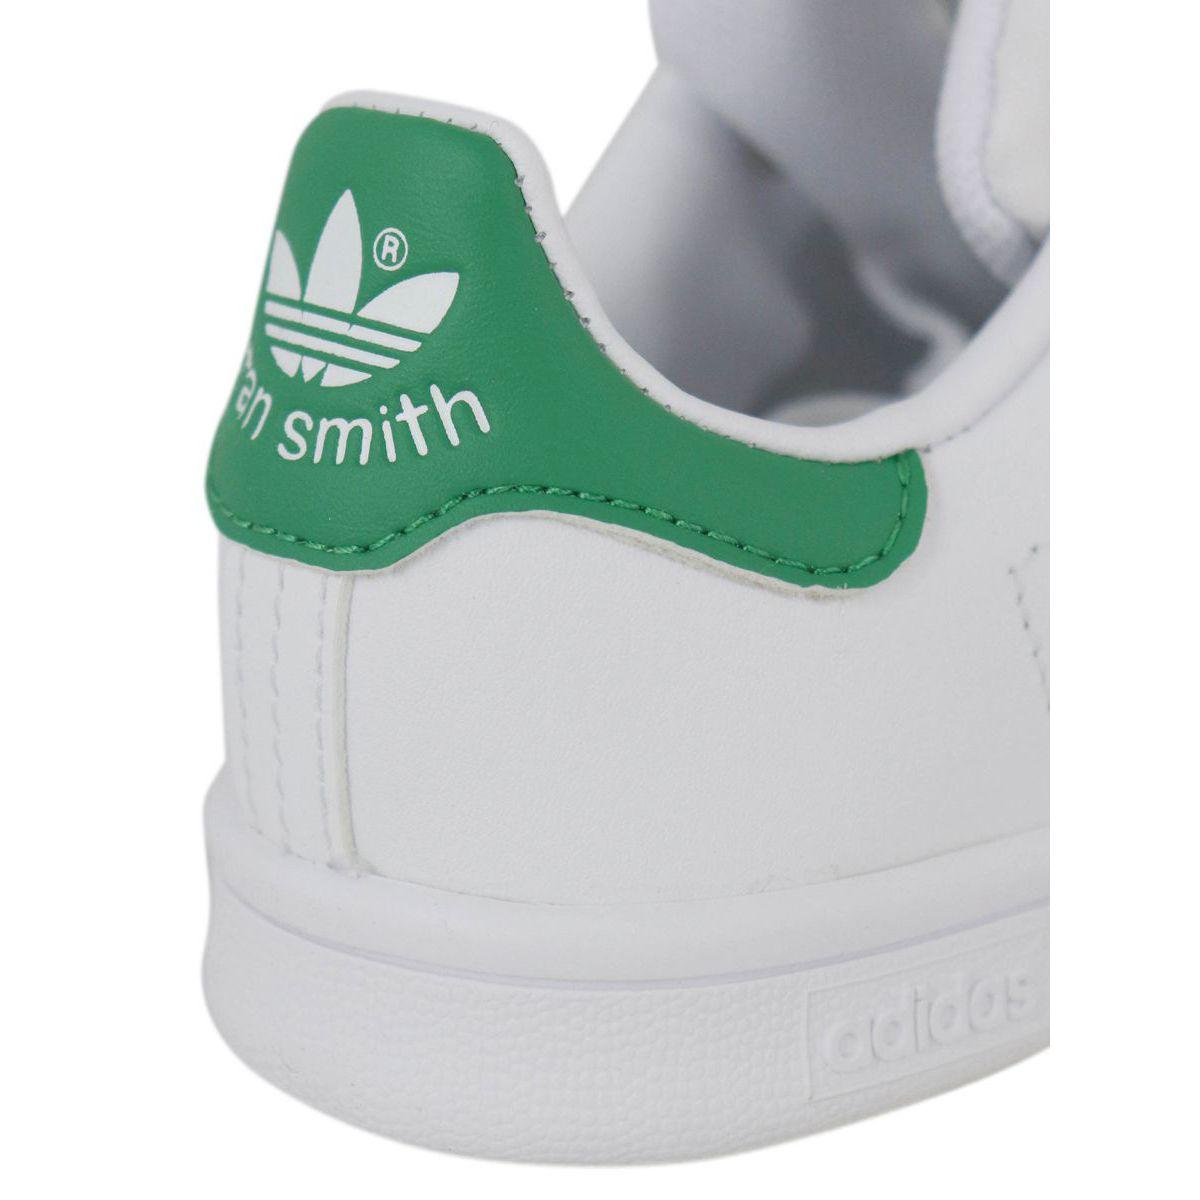 Sneakers BA8375 STAN SMITH White green Adidas